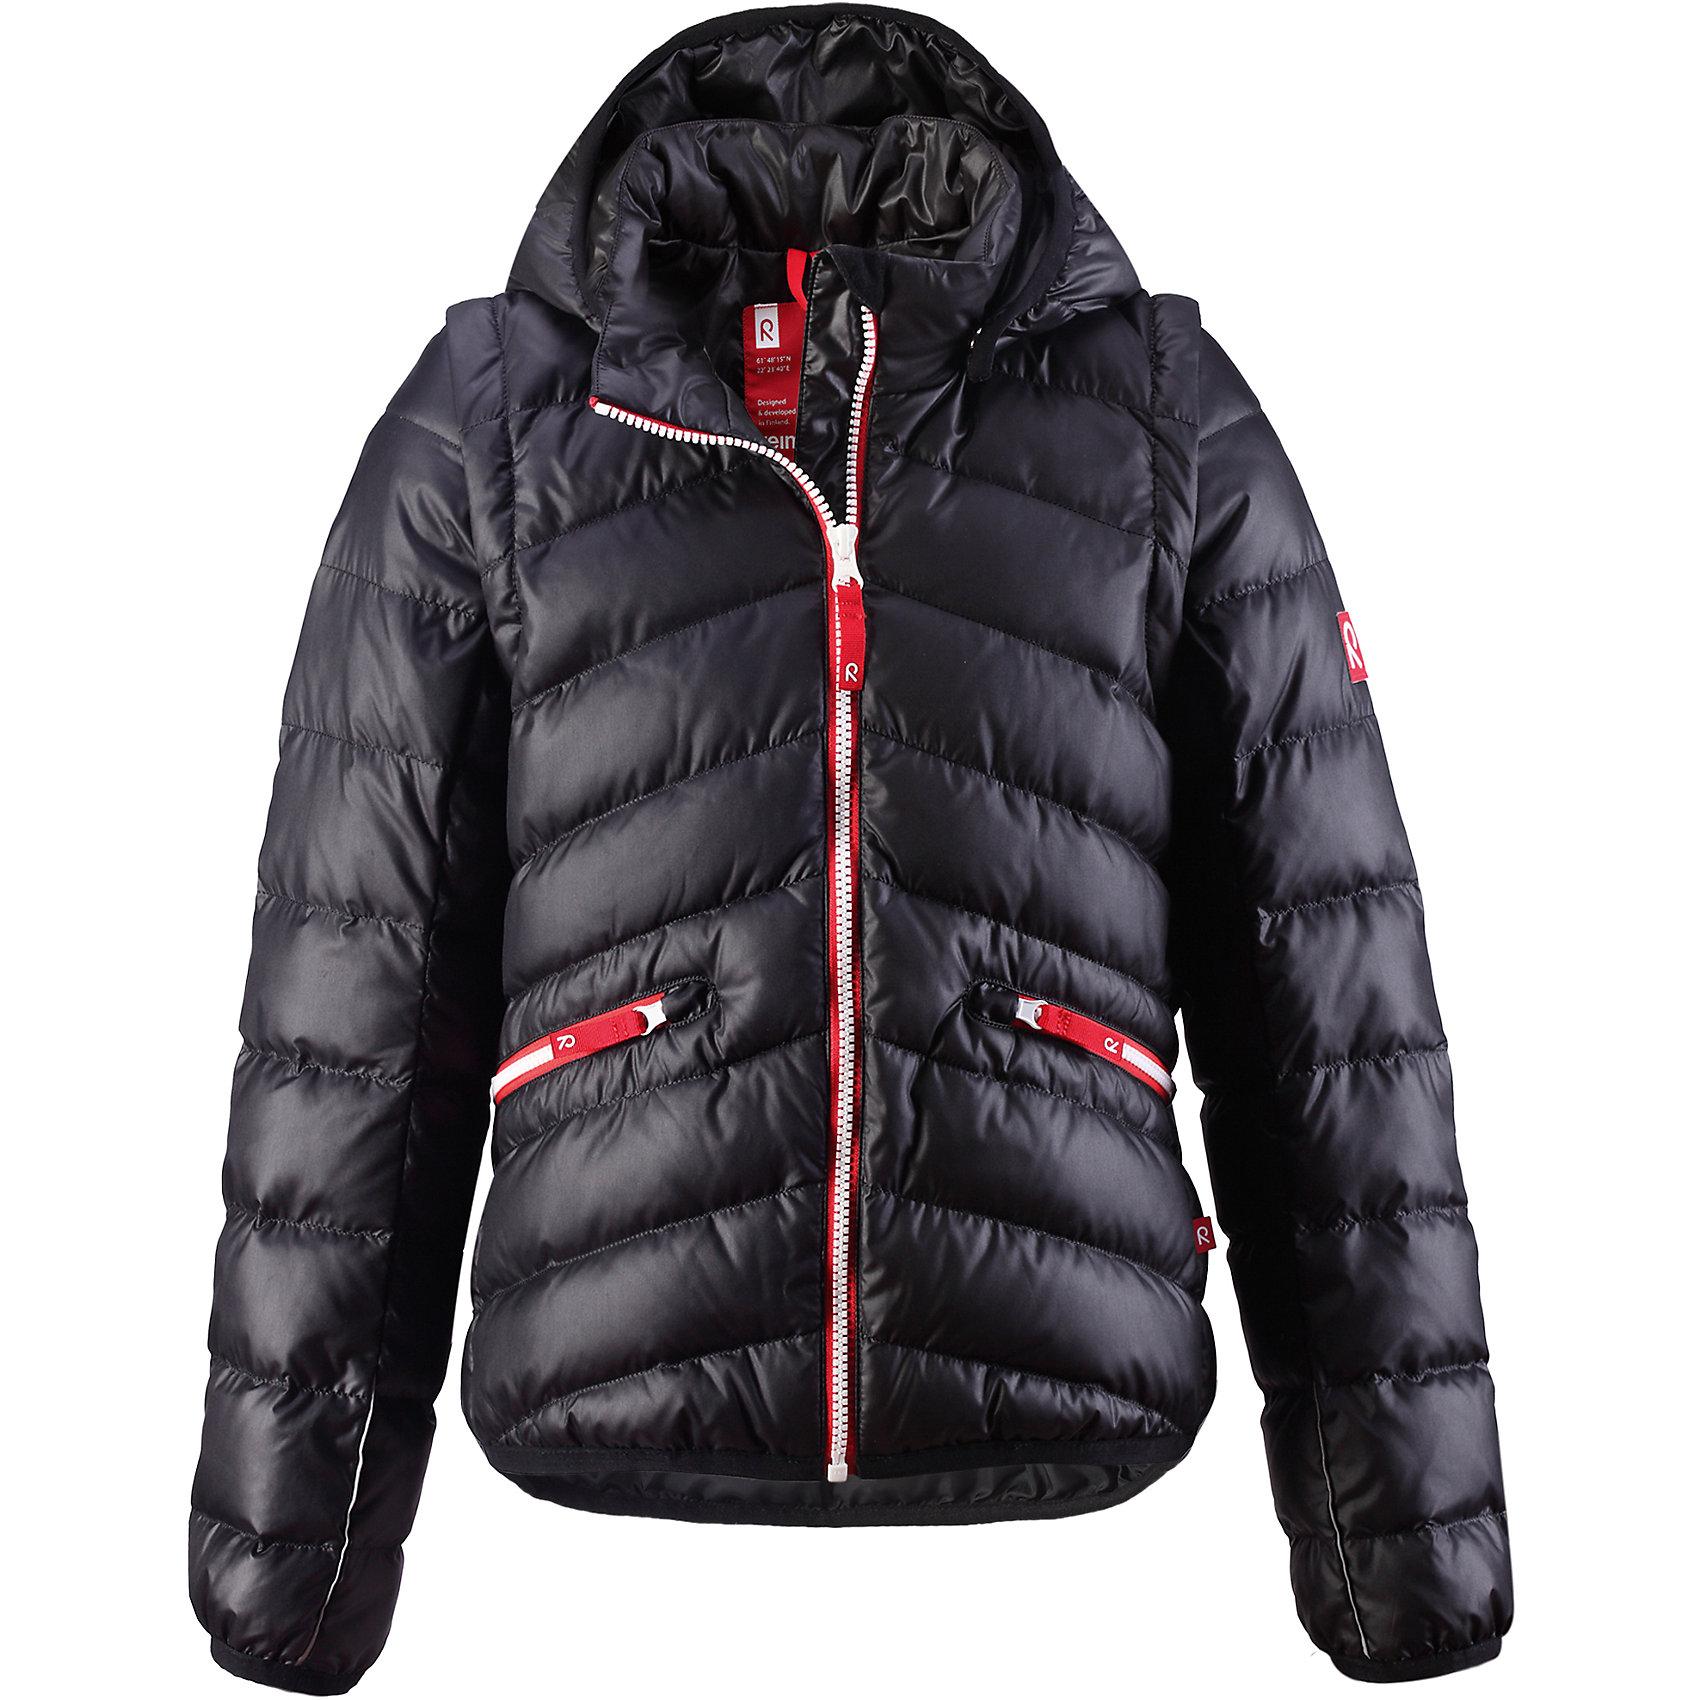 Куртка  ReimaПовседневный но модный выбор для девочек. Отстегивающиеся рукава добавят функциональности: можно одевать как жилет осенью или как куртку в более холодные дни. Молния контрастного цвета придаст игривости!<br><br>Дополнительная информация:<br><br>Слегка утепленная куртка для подростков, модель для девочек<br>Отстегивающиеся рукава на молнии<br>Эластичные манжеты и подол<br>Молнии контрастного цвета<br>Два кармана на молнии<br><br>Куртку  Reima (Рейма) можно купить в нашем магазине.<br><br>Ширина мм: 356<br>Глубина мм: 10<br>Высота мм: 245<br>Вес г: 519<br>Цвет: черный<br>Возраст от месяцев: 144<br>Возраст до месяцев: 156<br>Пол: Унисекс<br>Возраст: Детский<br>Размер: 152,134,158,146,128,104,110,116,122<br>SKU: 4566125